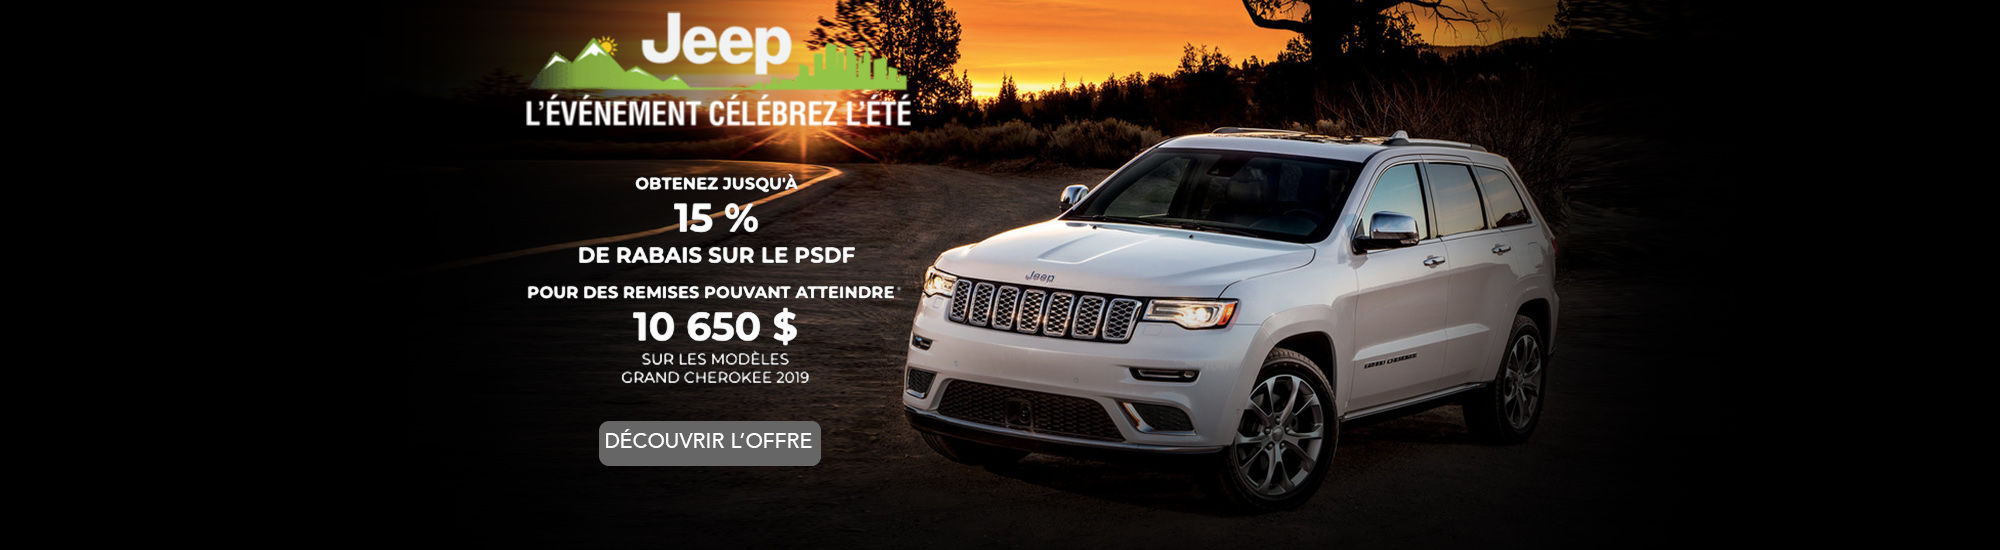 Événement célébrez l'été Jeep